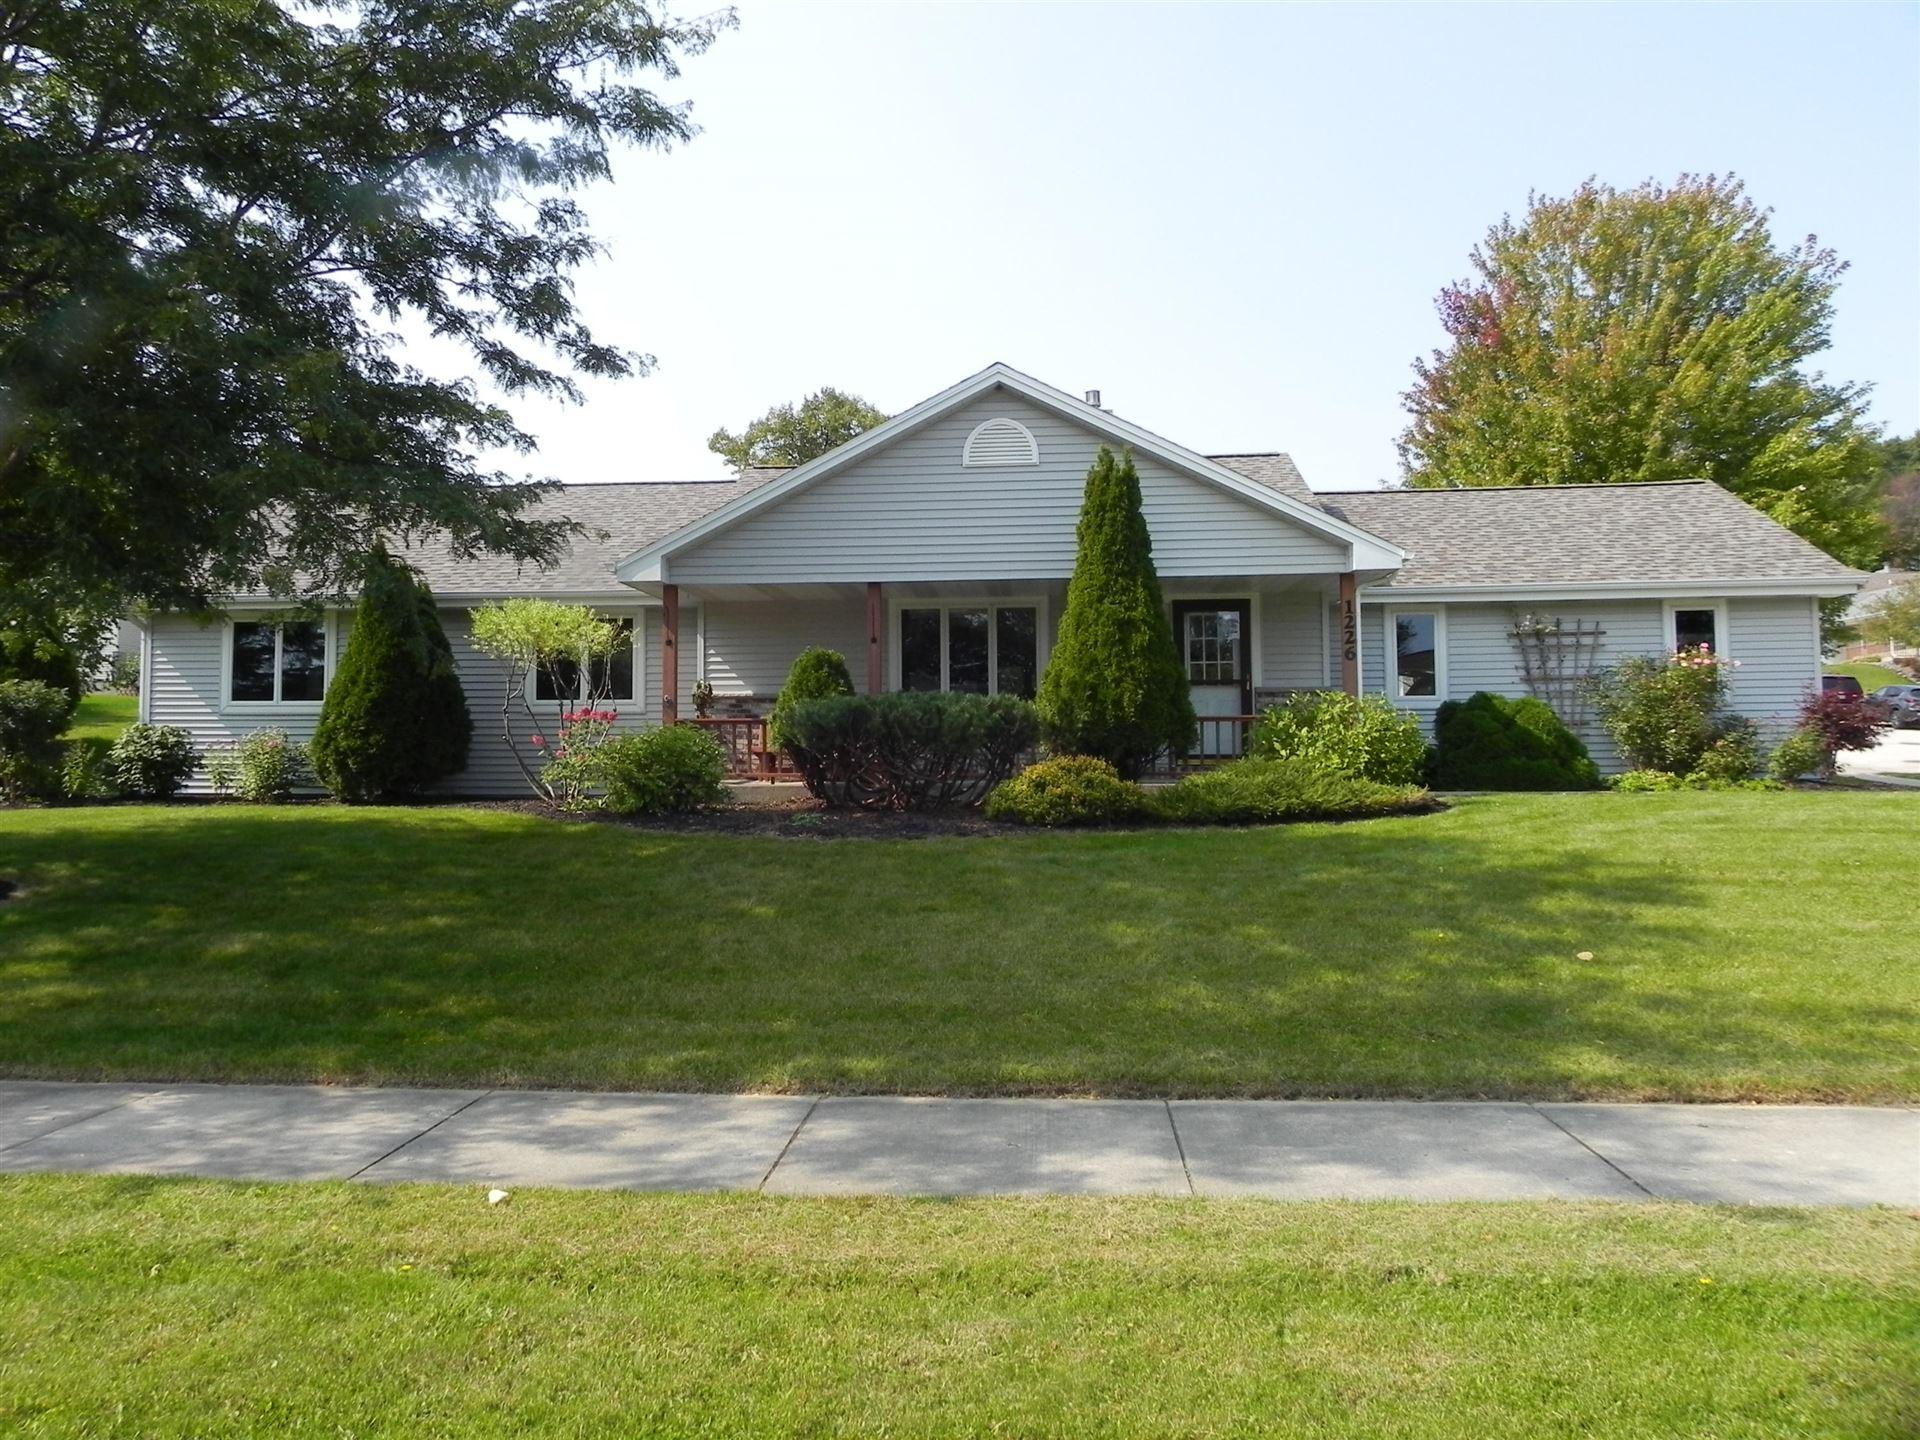 1226 Villa Park Dr, West Bend, WI 53090 - #: 1710889